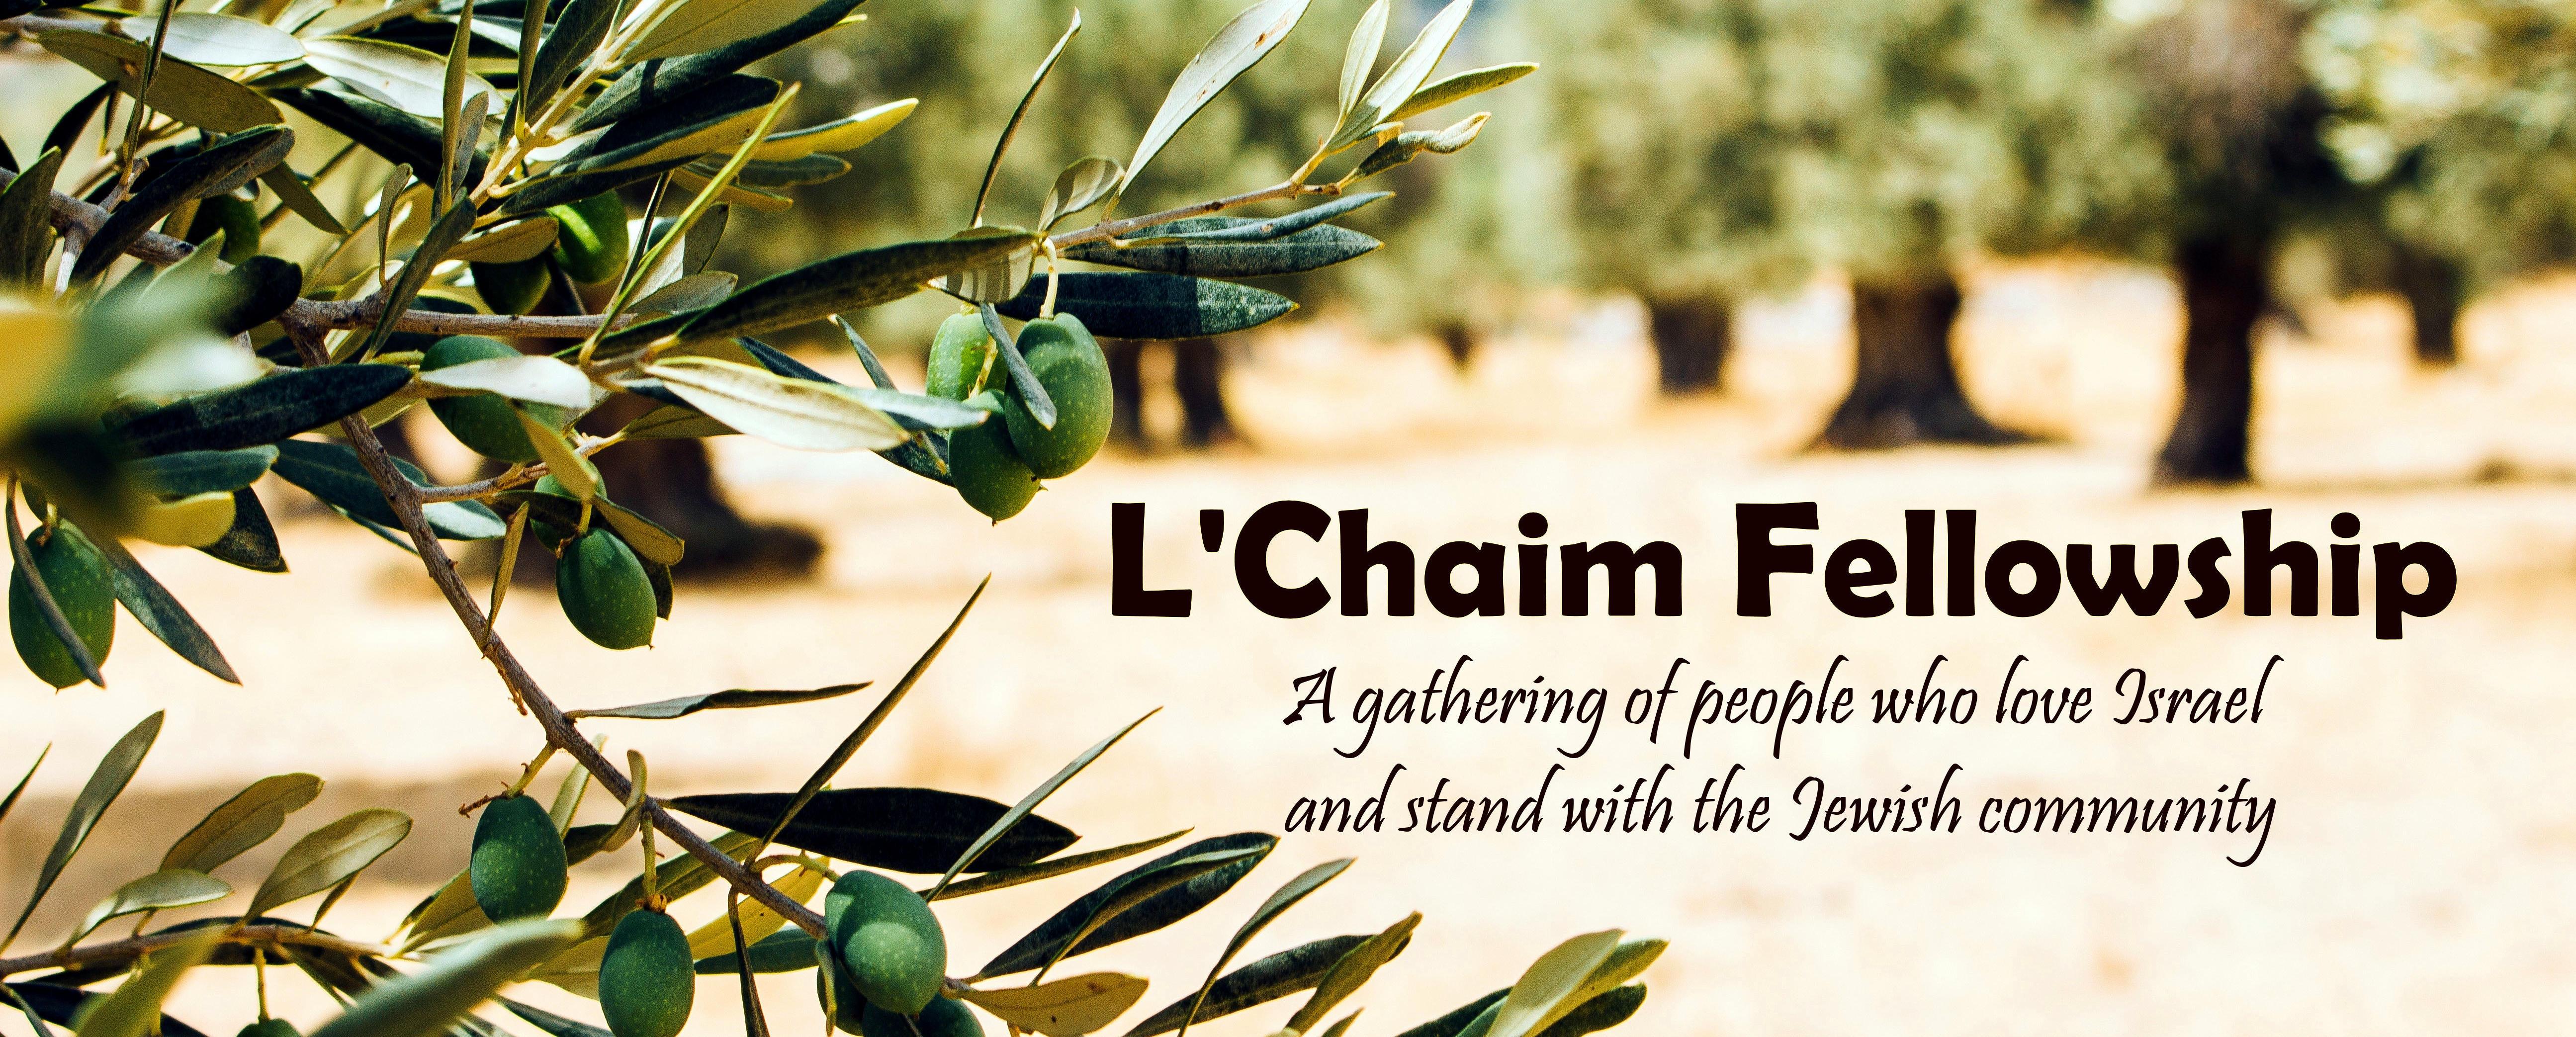 OTA L'Chaim Fellowship_Blank INVITE_fullbanner_t